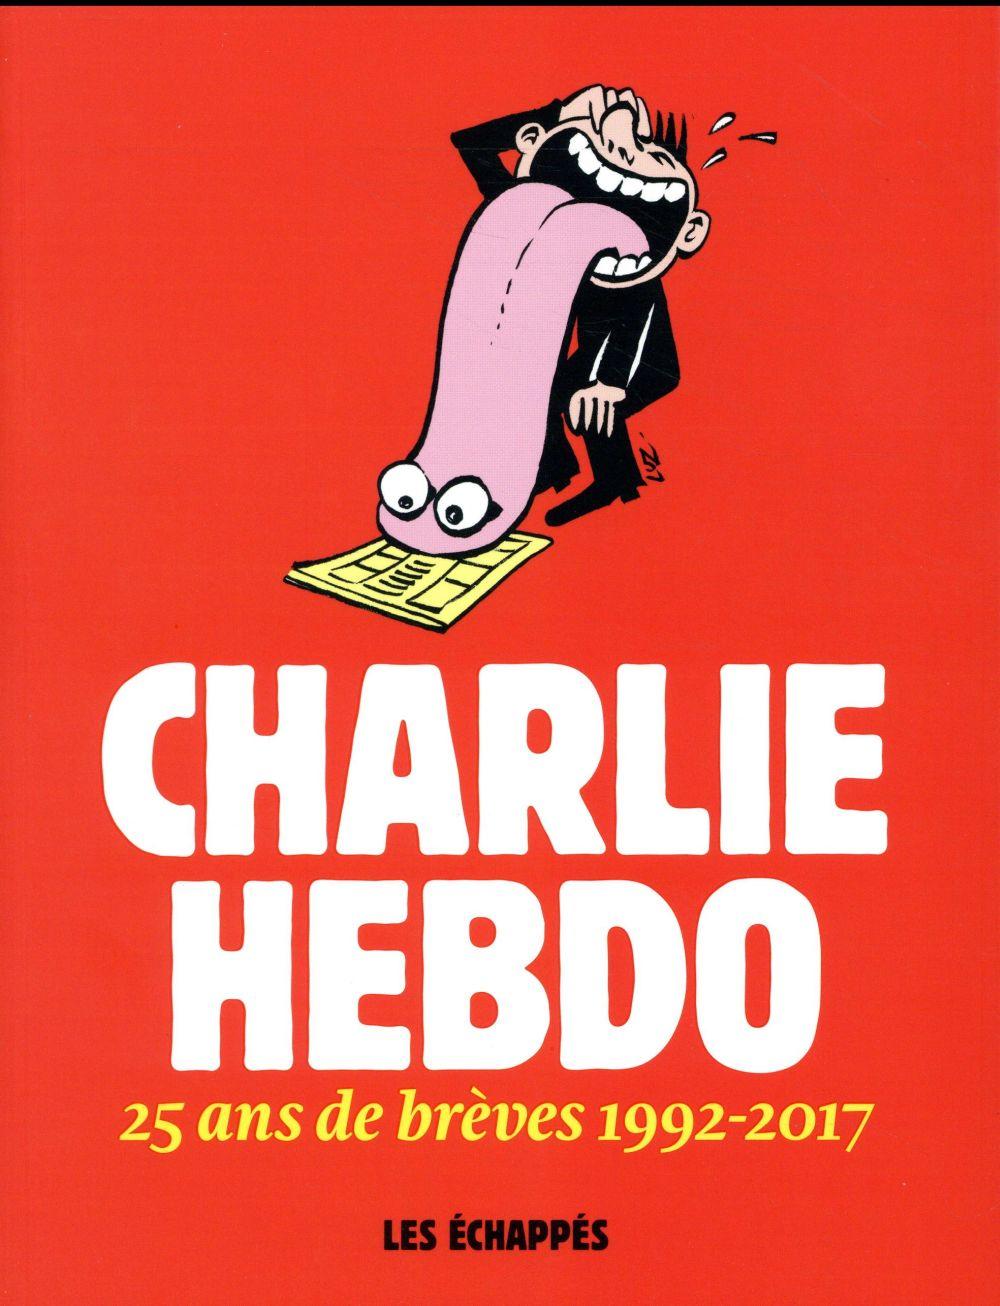 25 ans de brèves, 1992-2017